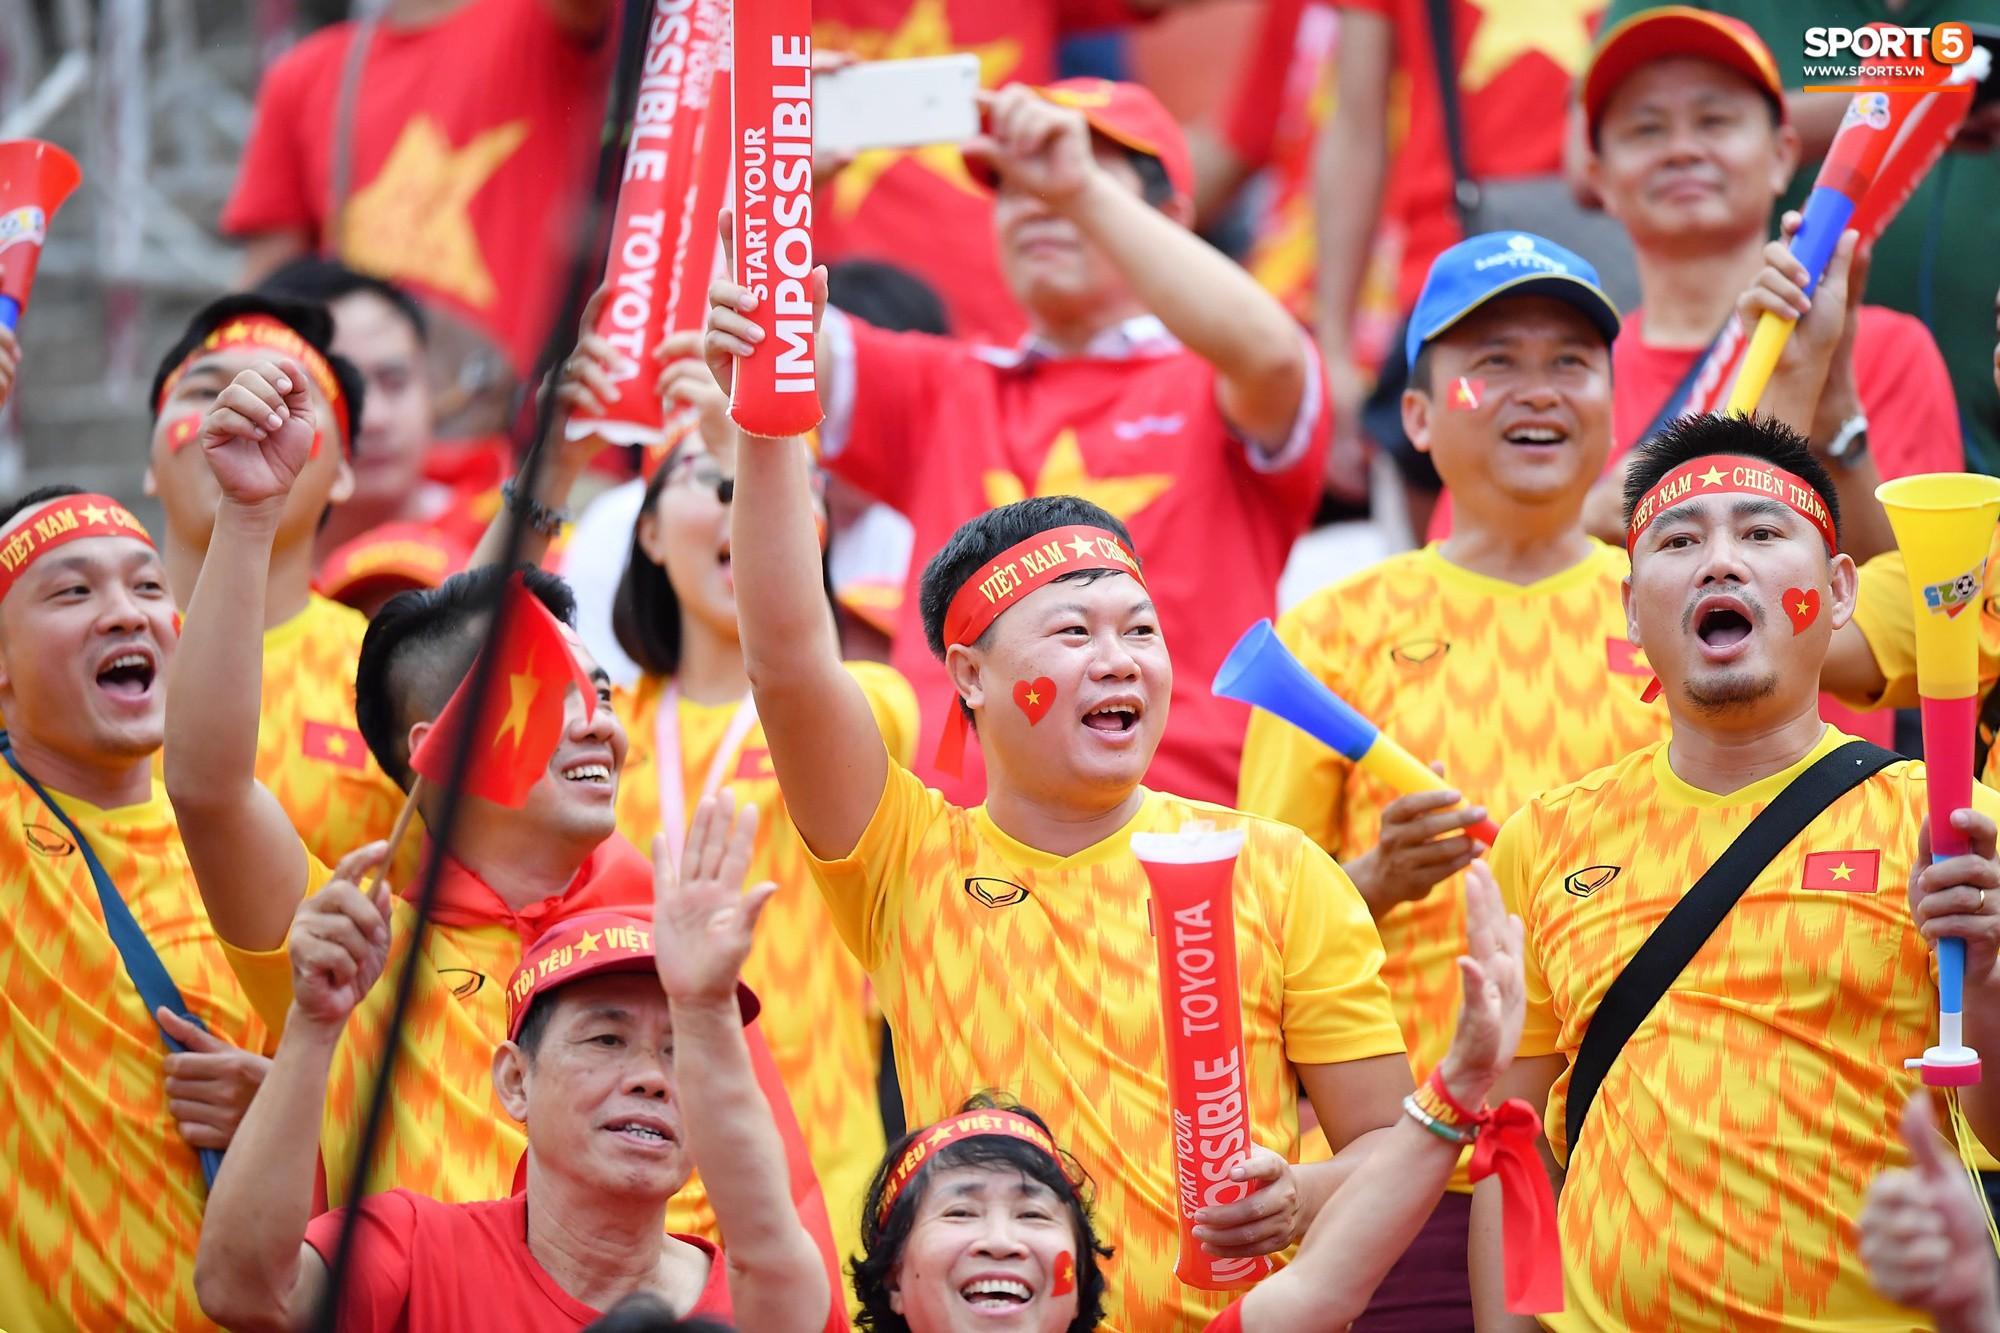 Fan Thái Lan có hành động xấu, giơ 'ngón tay thối' trên khán đài khi nghe đọc tên HLV Park Hang-seo 11